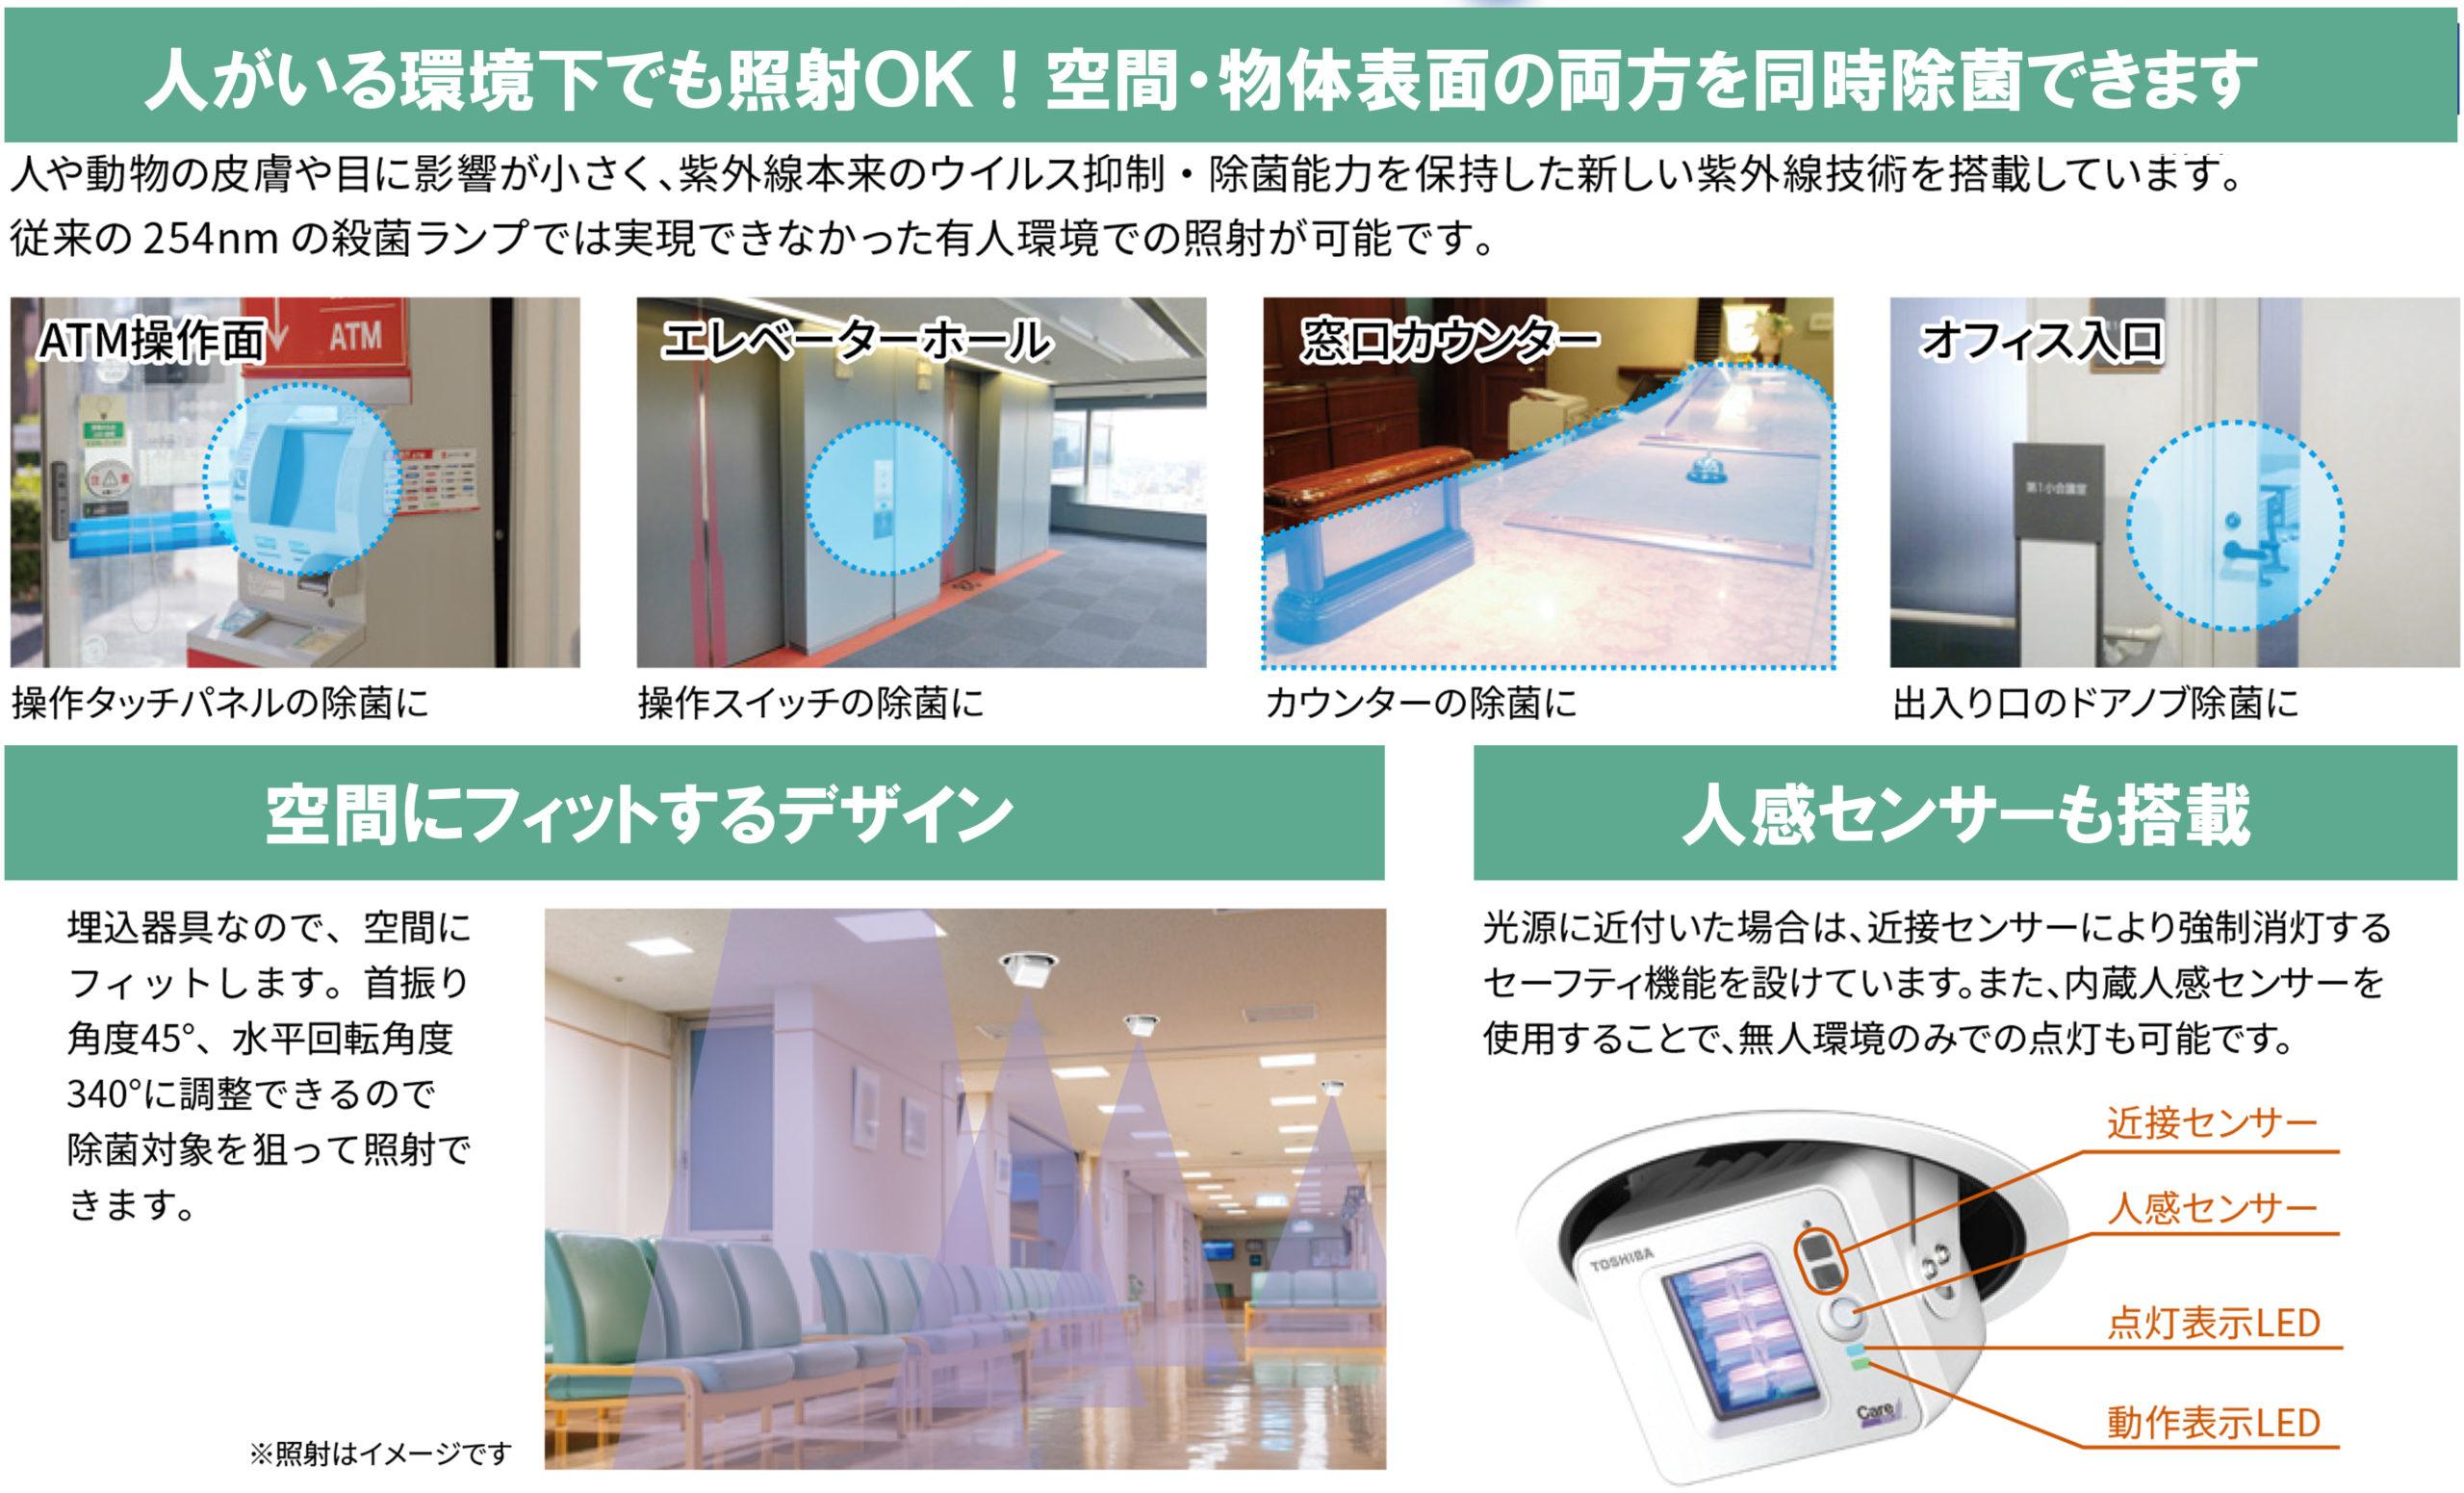 人がいる環境下でも照射可能なため空間にフィットするデザインで設置場所を決めることができます。